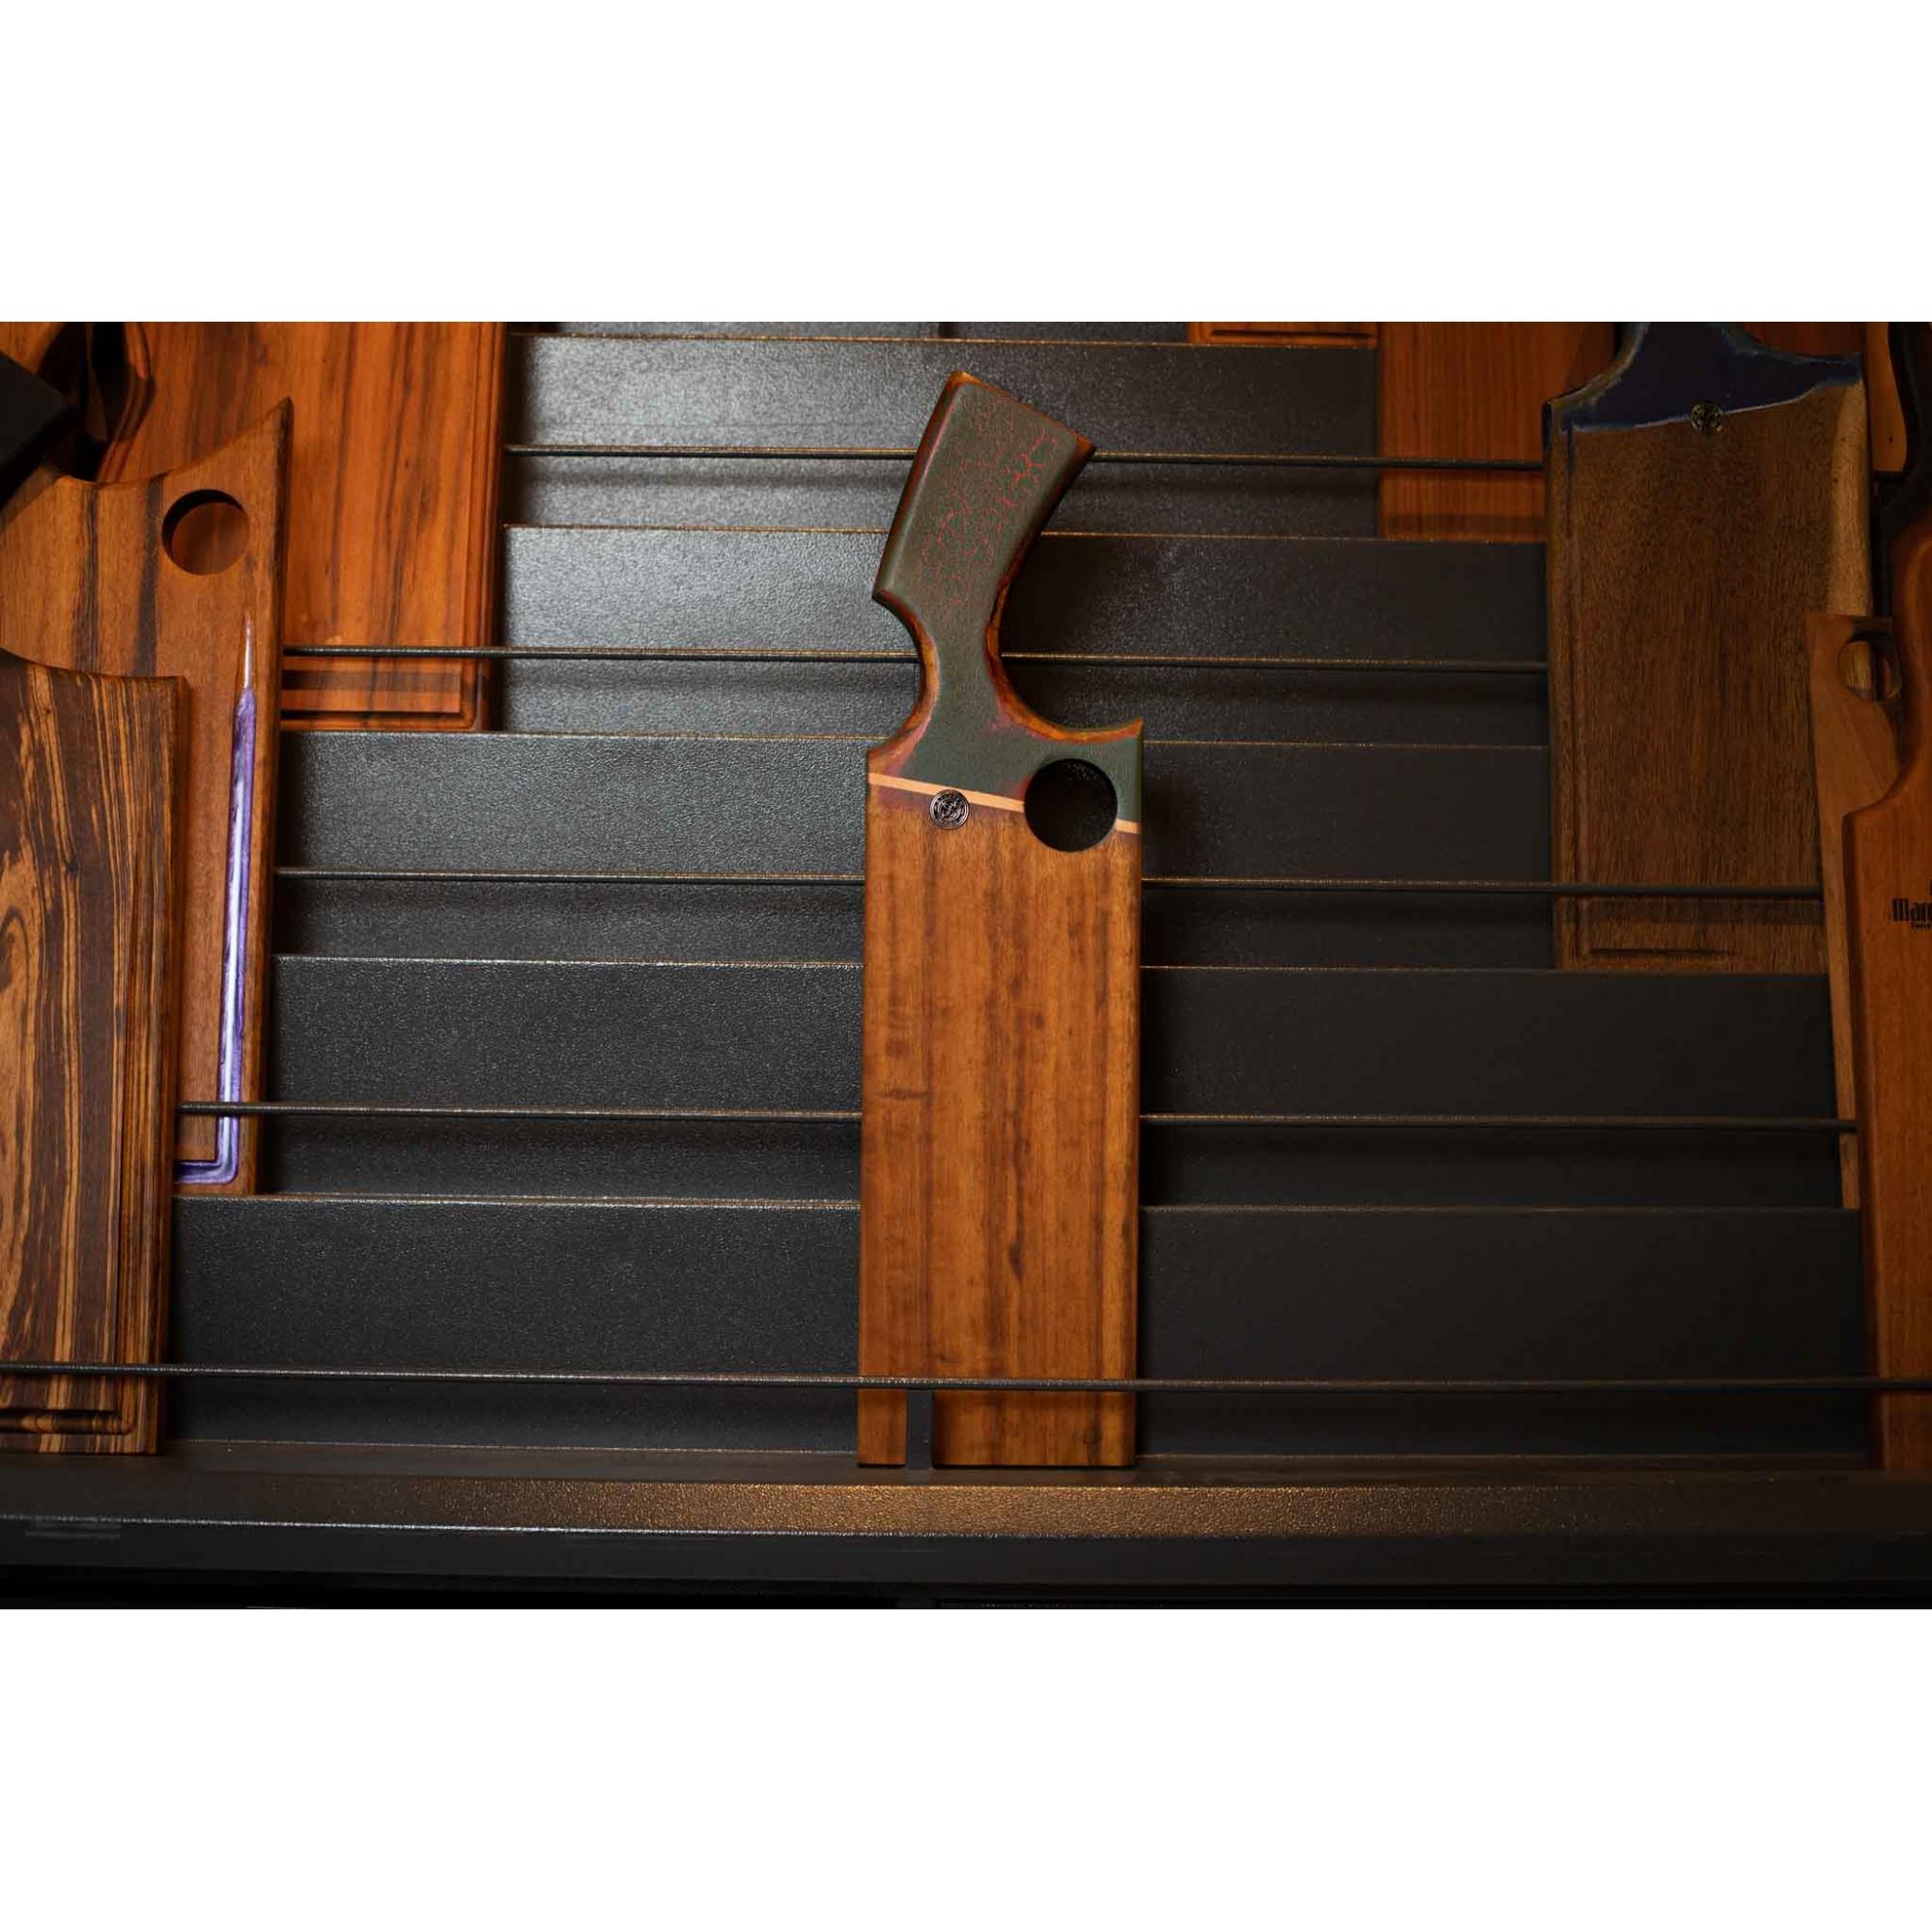 PISTOLLERA® RELIC - 55cm X 14cm - ANNIVERSARY EDITION